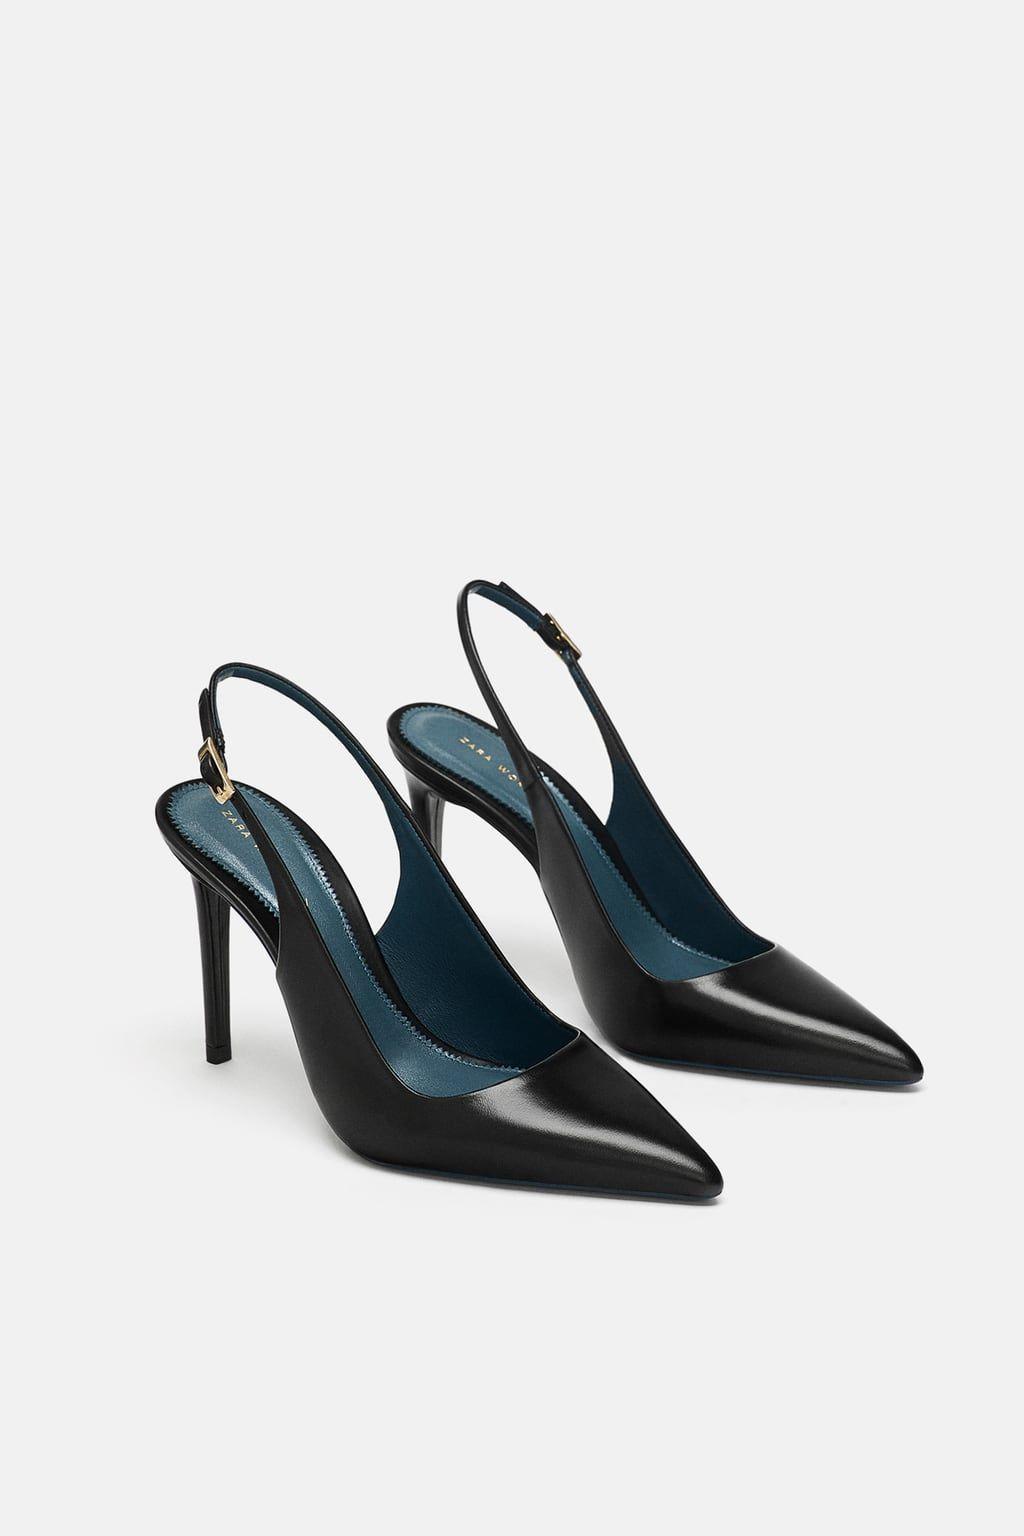 3c7fd60a Imagen 1 de DESTALONADO PIEL de Zara Zapatos Lindos, Sandalias, Piel,  Mujeres,